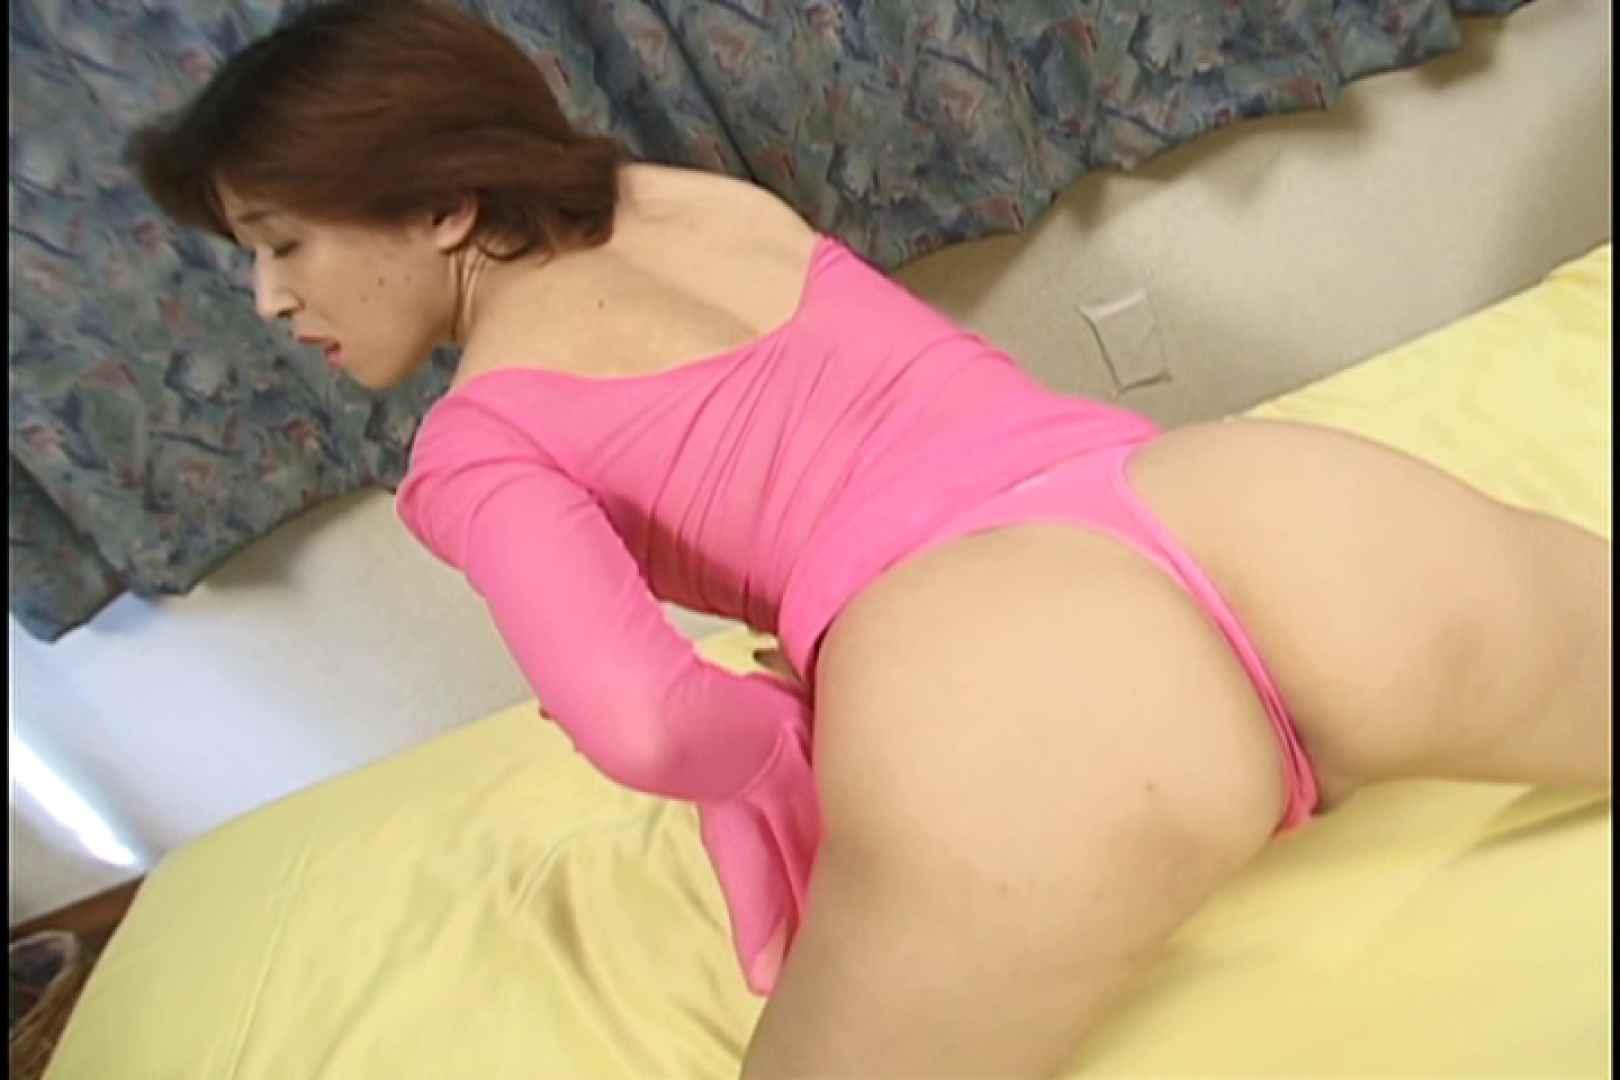 昼間の奥様は欲求不満 ~幸田みゆき~ ギャル達のSEX   人妻  110画像 68